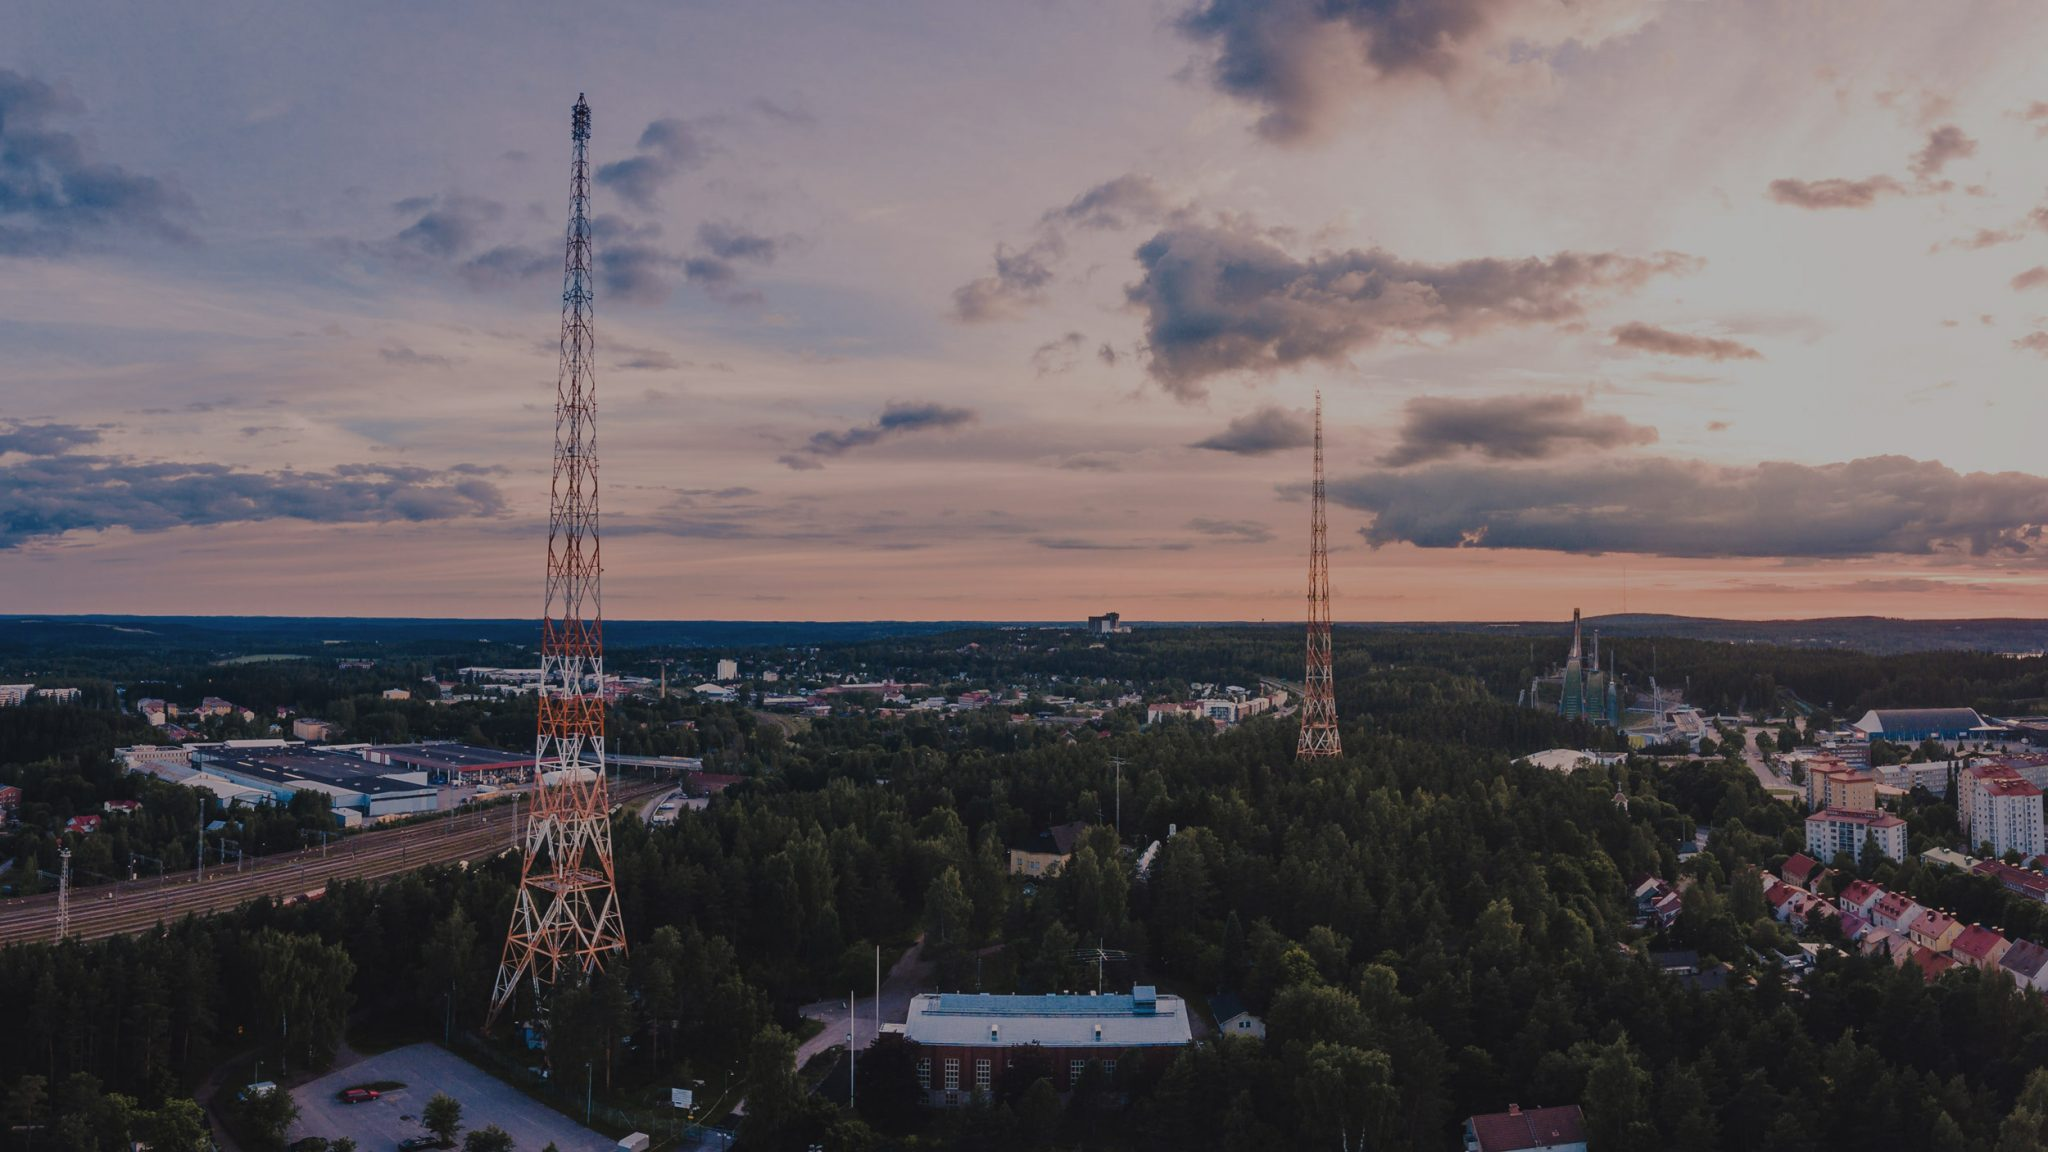 MANSER OY - Kiinteistöhuoltoa ja siivouspalveluja - Lahti & Hollola. Yli 20-vuoden ammattitaidolla ja kokemuksella.